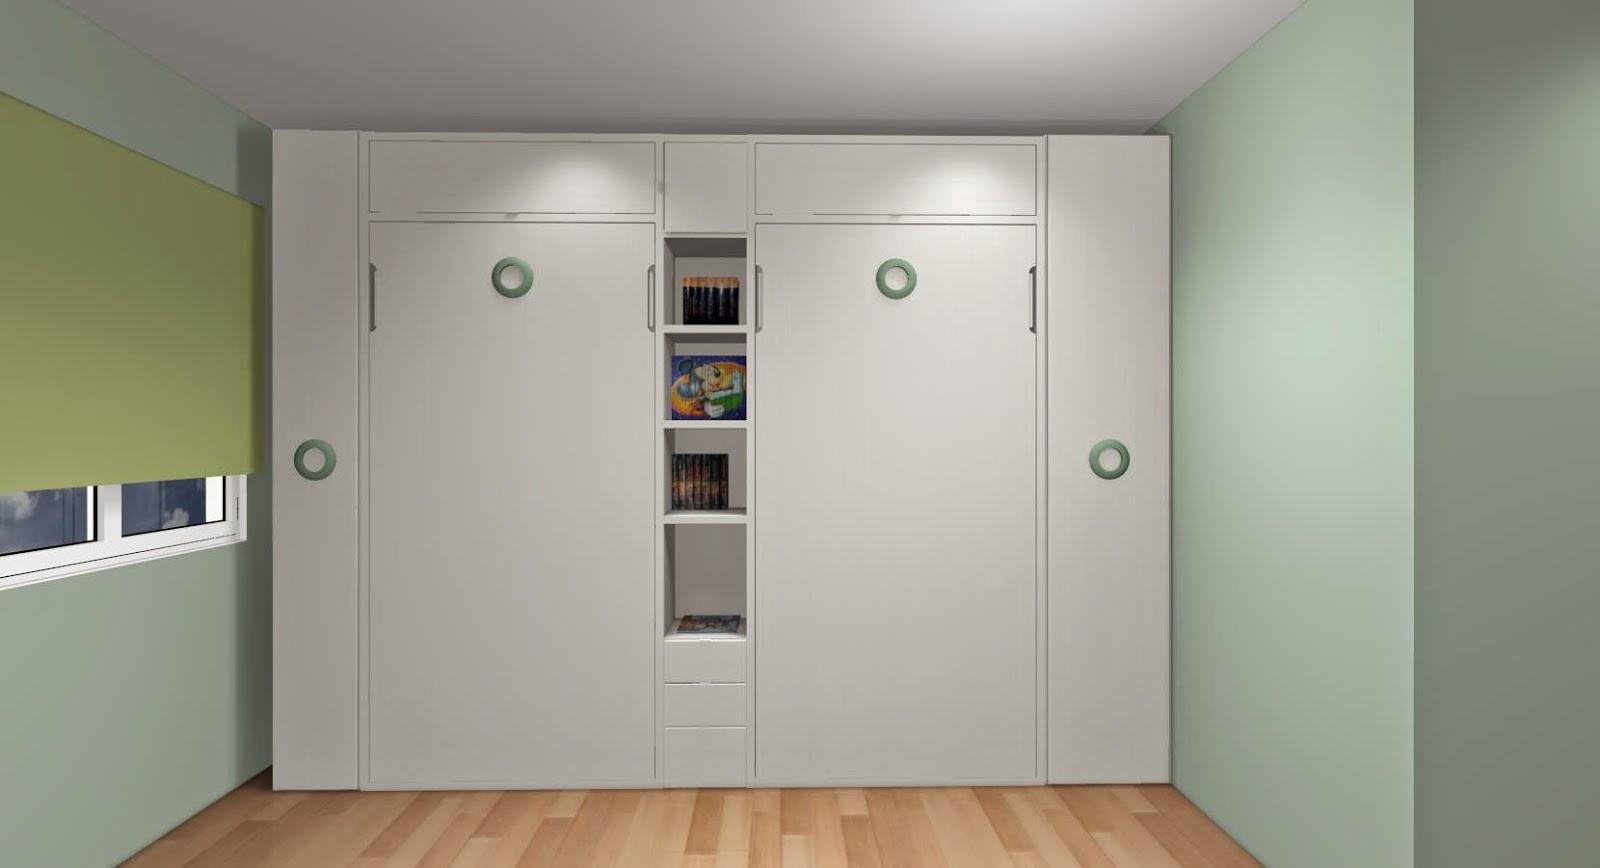 Dise o de cuartos o dormitorios juveniles - Habitaciones de dos camas juveniles ...